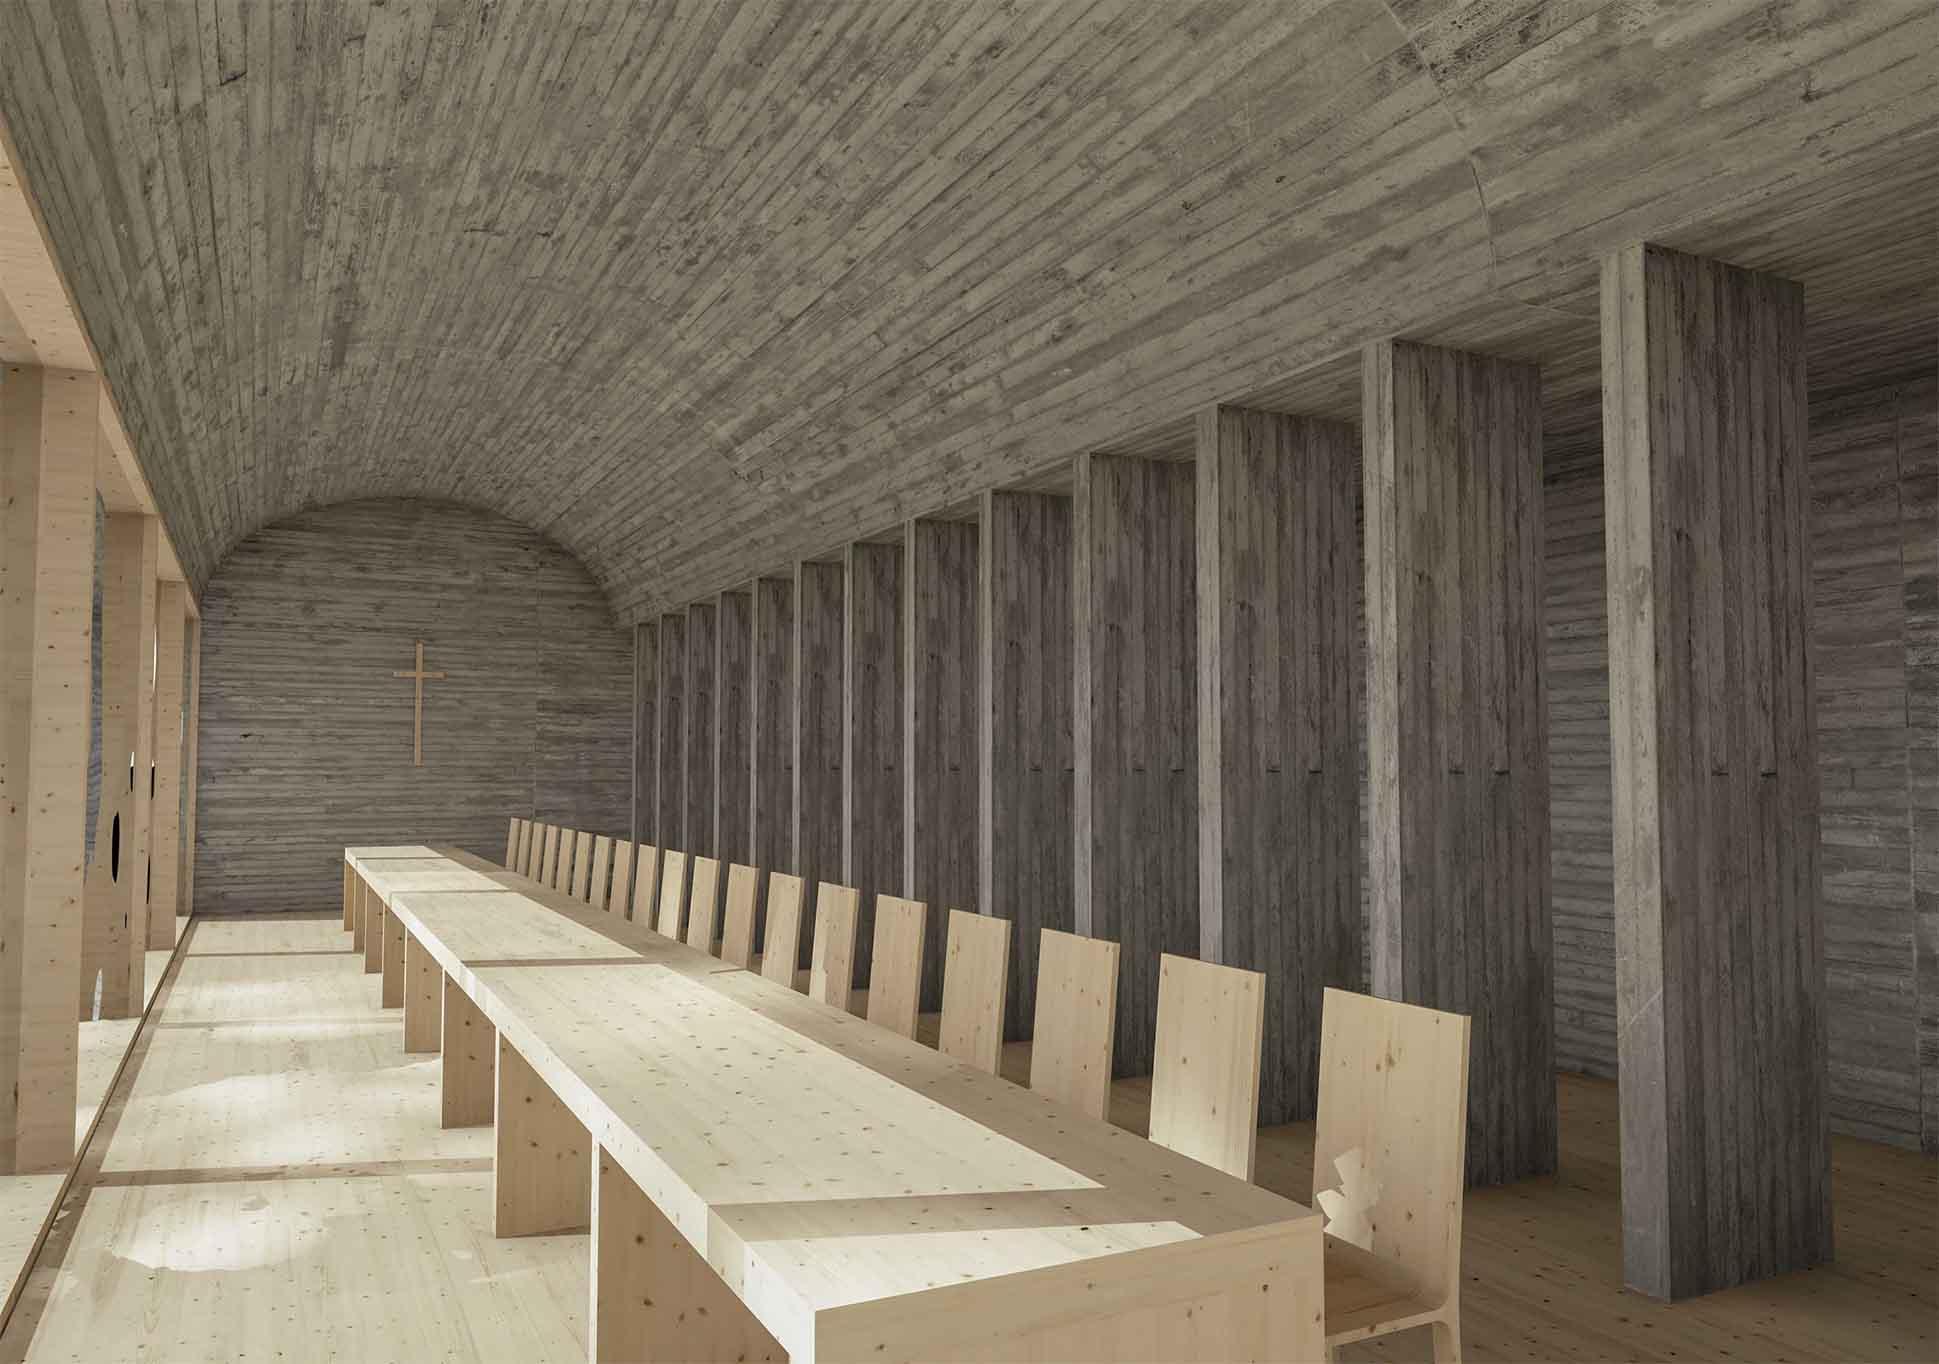 Klášter Uhliště - vizualizace interiéru klášterního refektáře. Autor: KURZ architekti